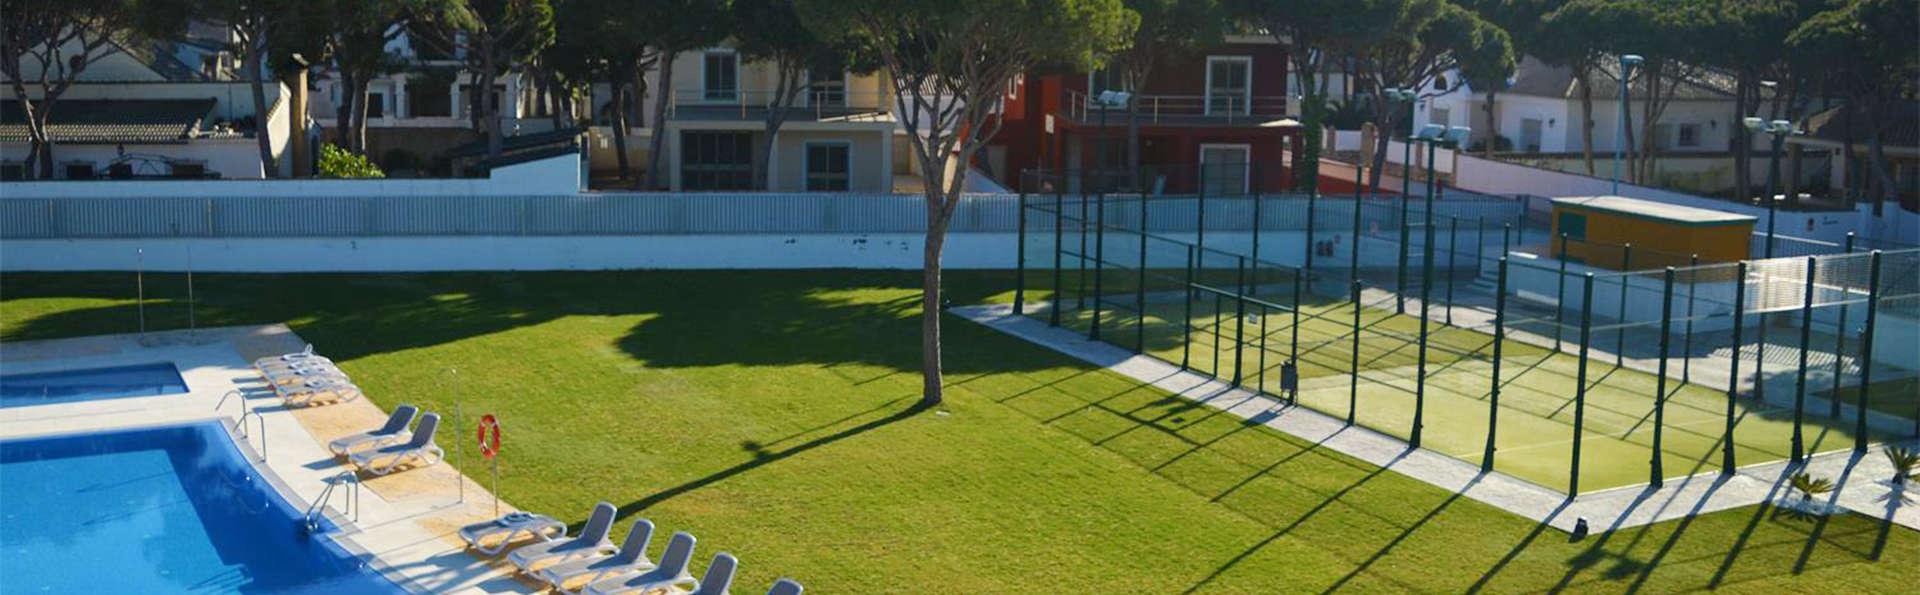 Apartamentos Turísticos Al Sur - EDIT_pool.jpg